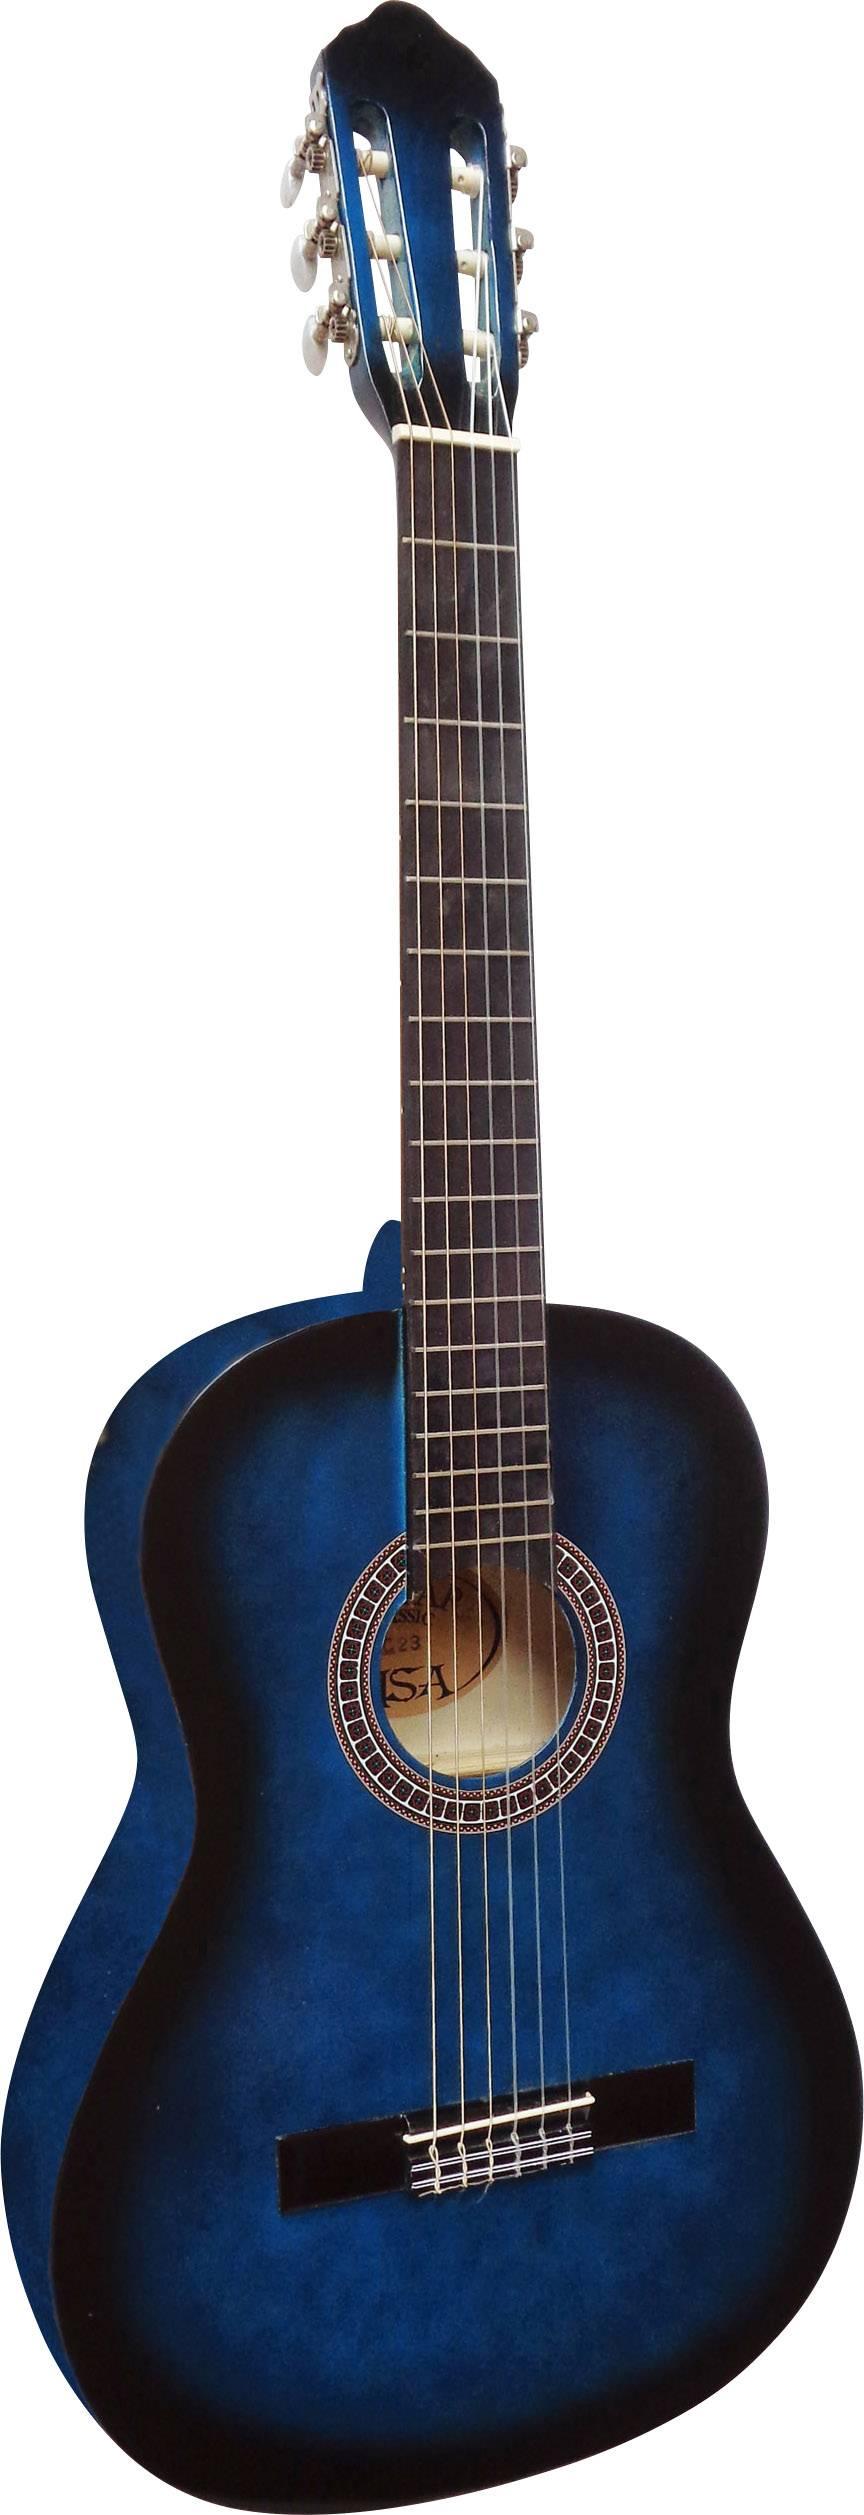 Akustická kytara C23, velikost4/4, modrá